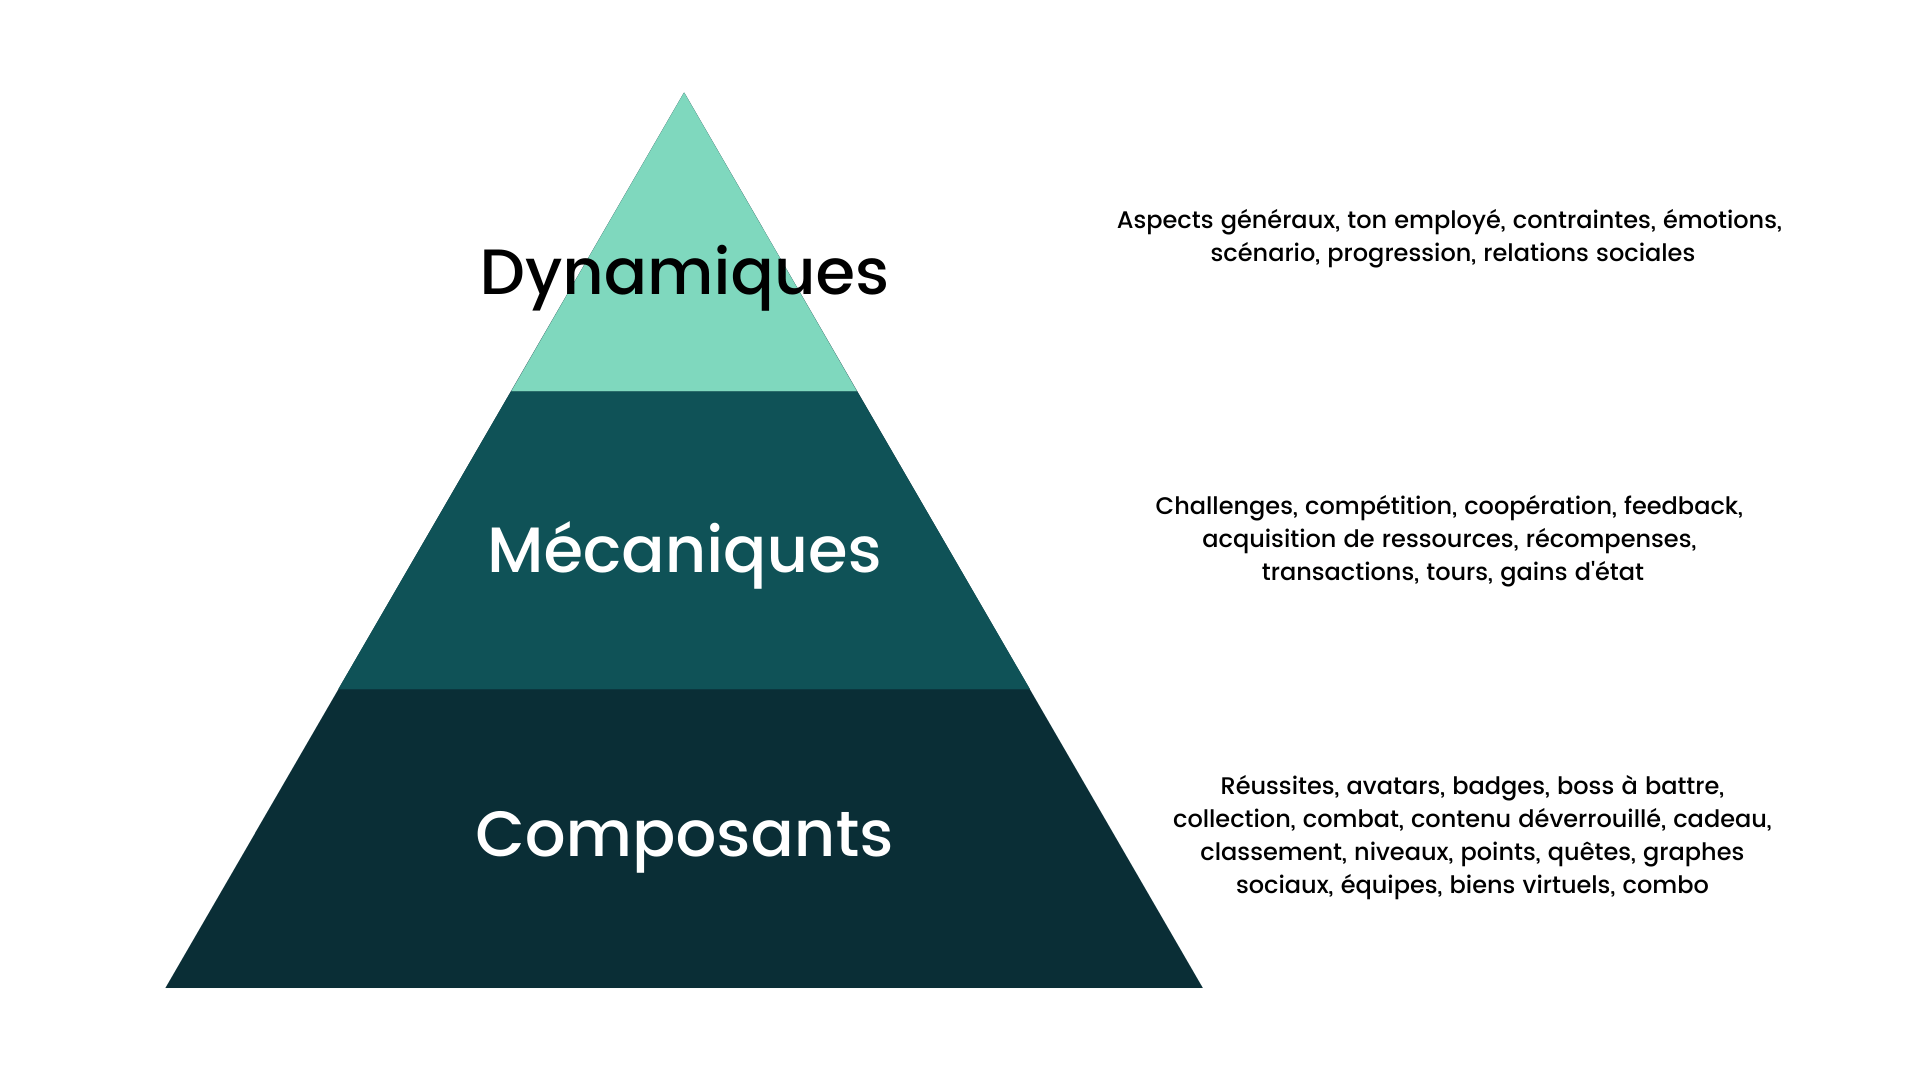 Pyramide de la gamification